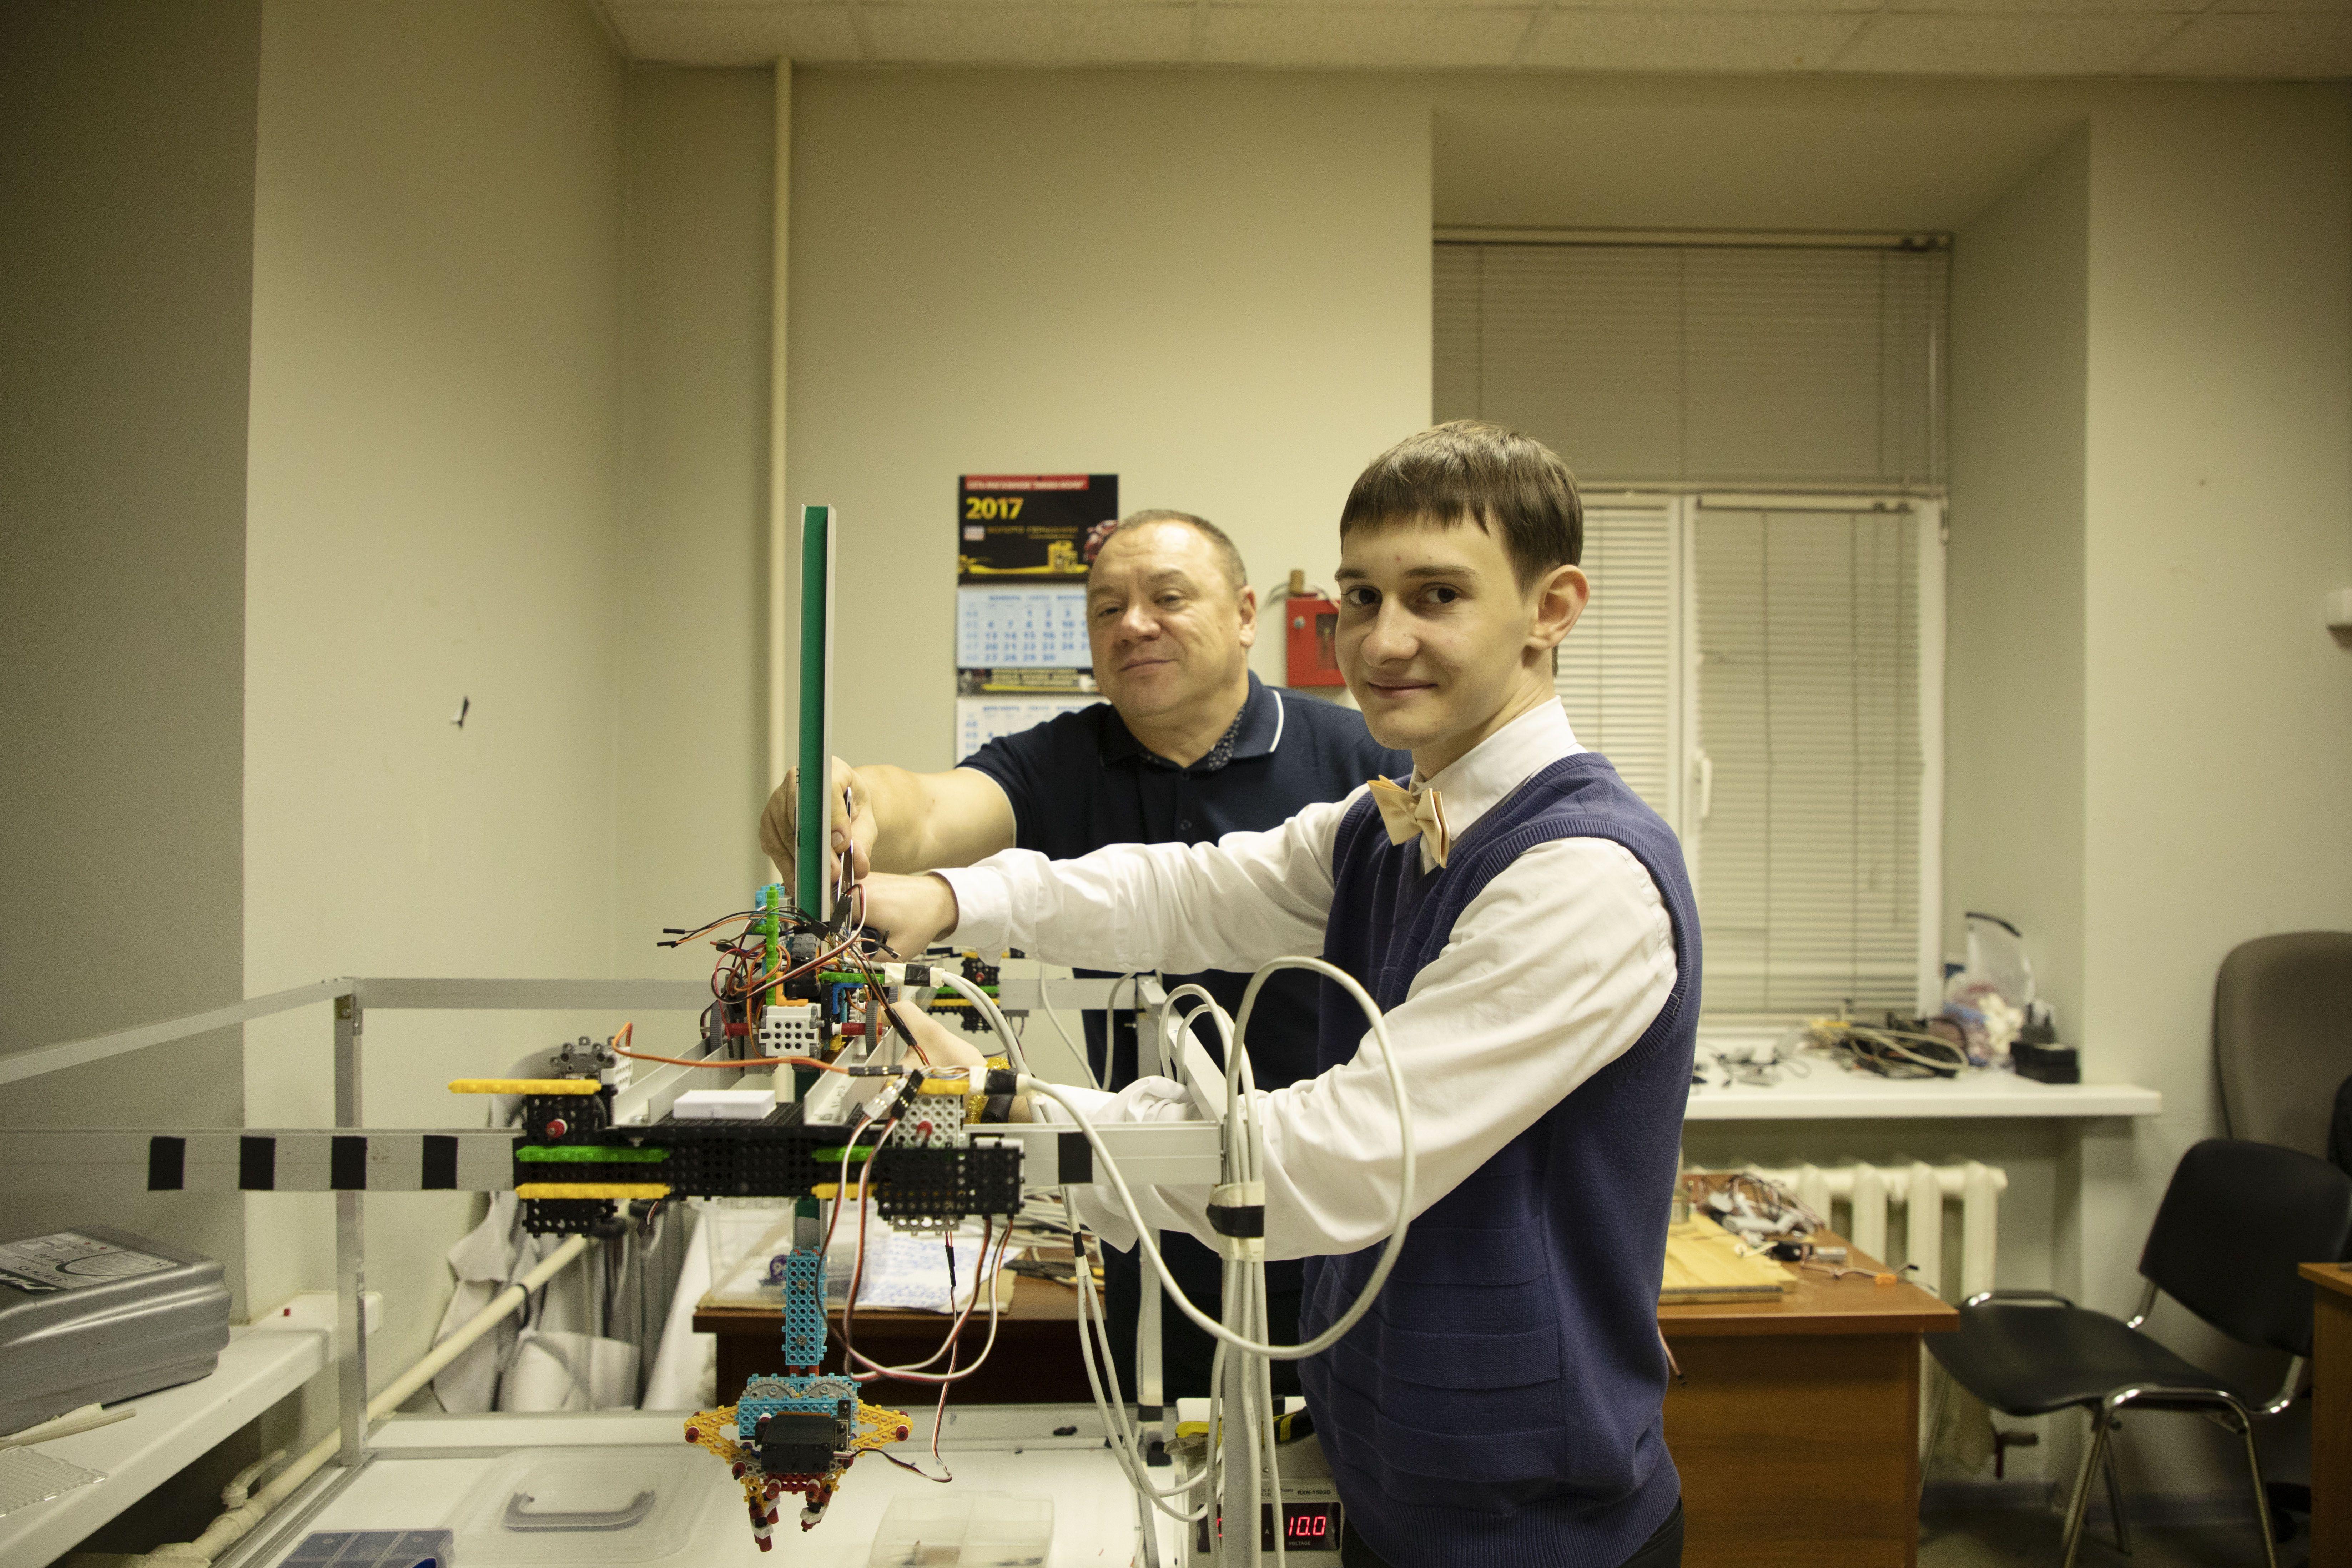 Школьники осваивают искусственный интеллект и робототехнику